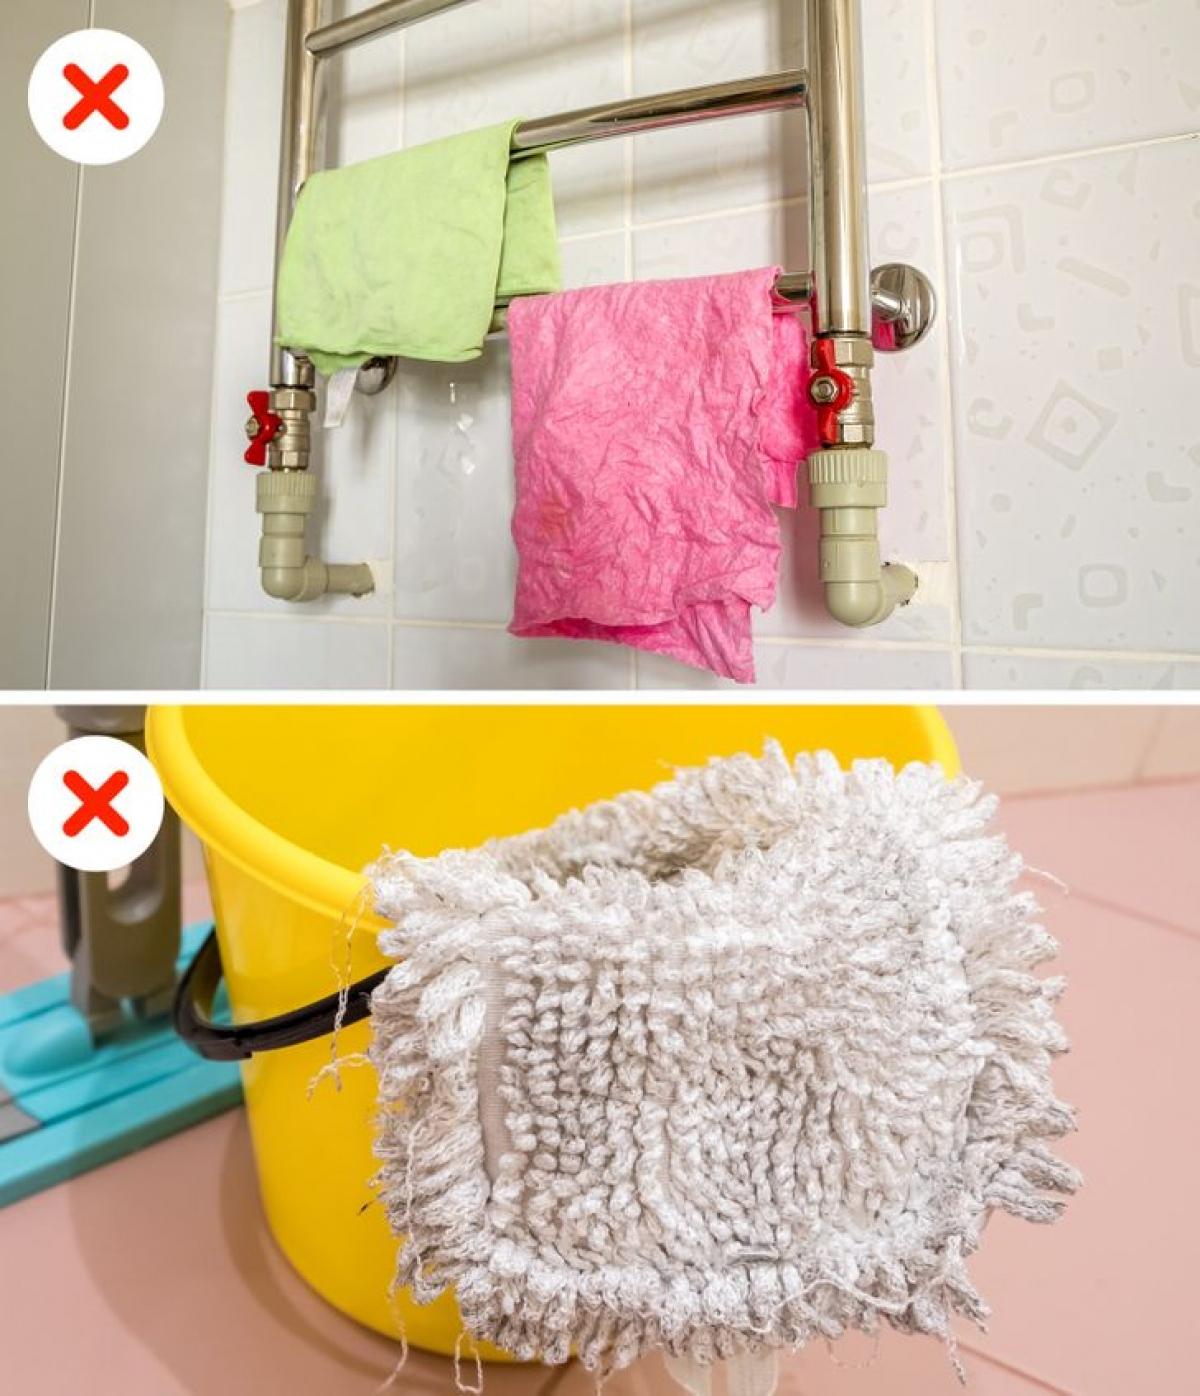 Các loại khăn lau, xô chậu cũng không nên để trong phòng tắm có độ ẩm cao.